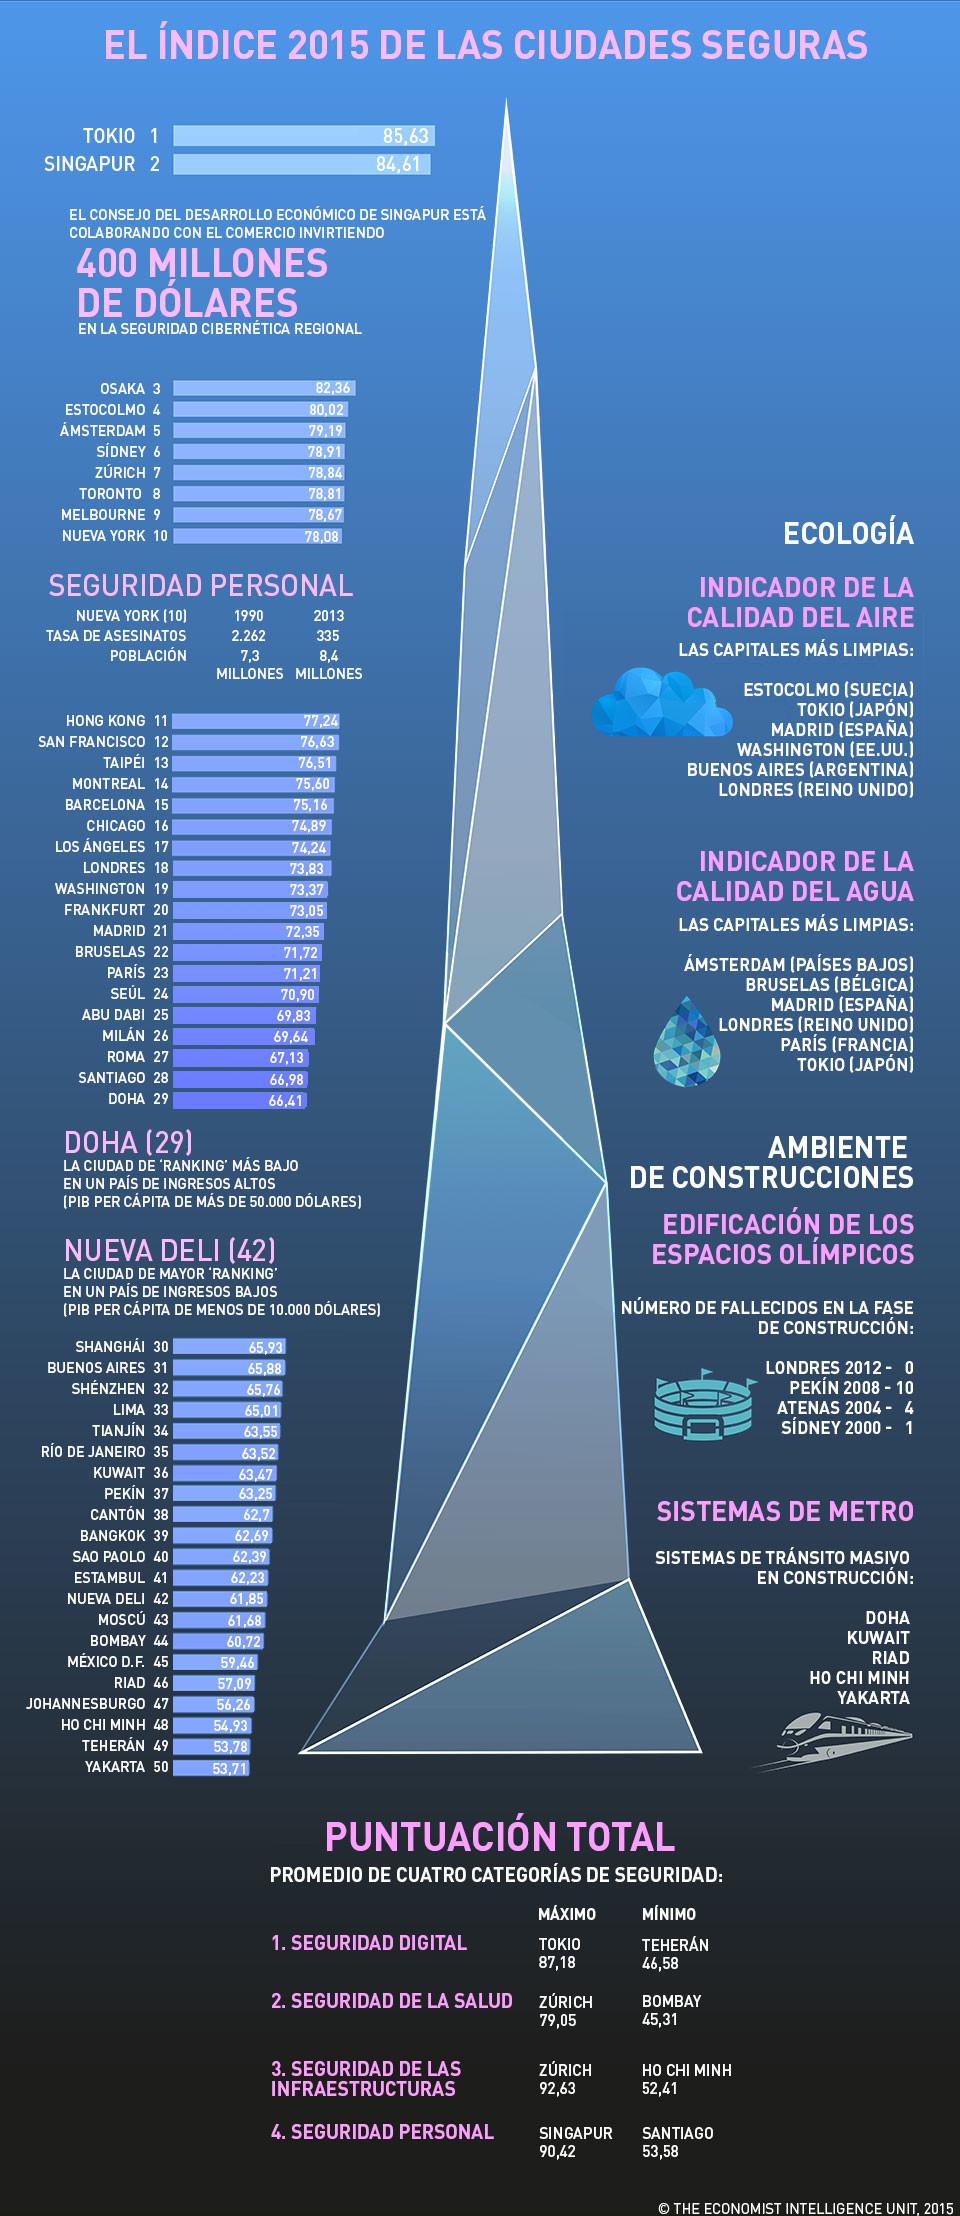 Detalles chocantes del índice 2015 de las ciudades más seguras del mundo